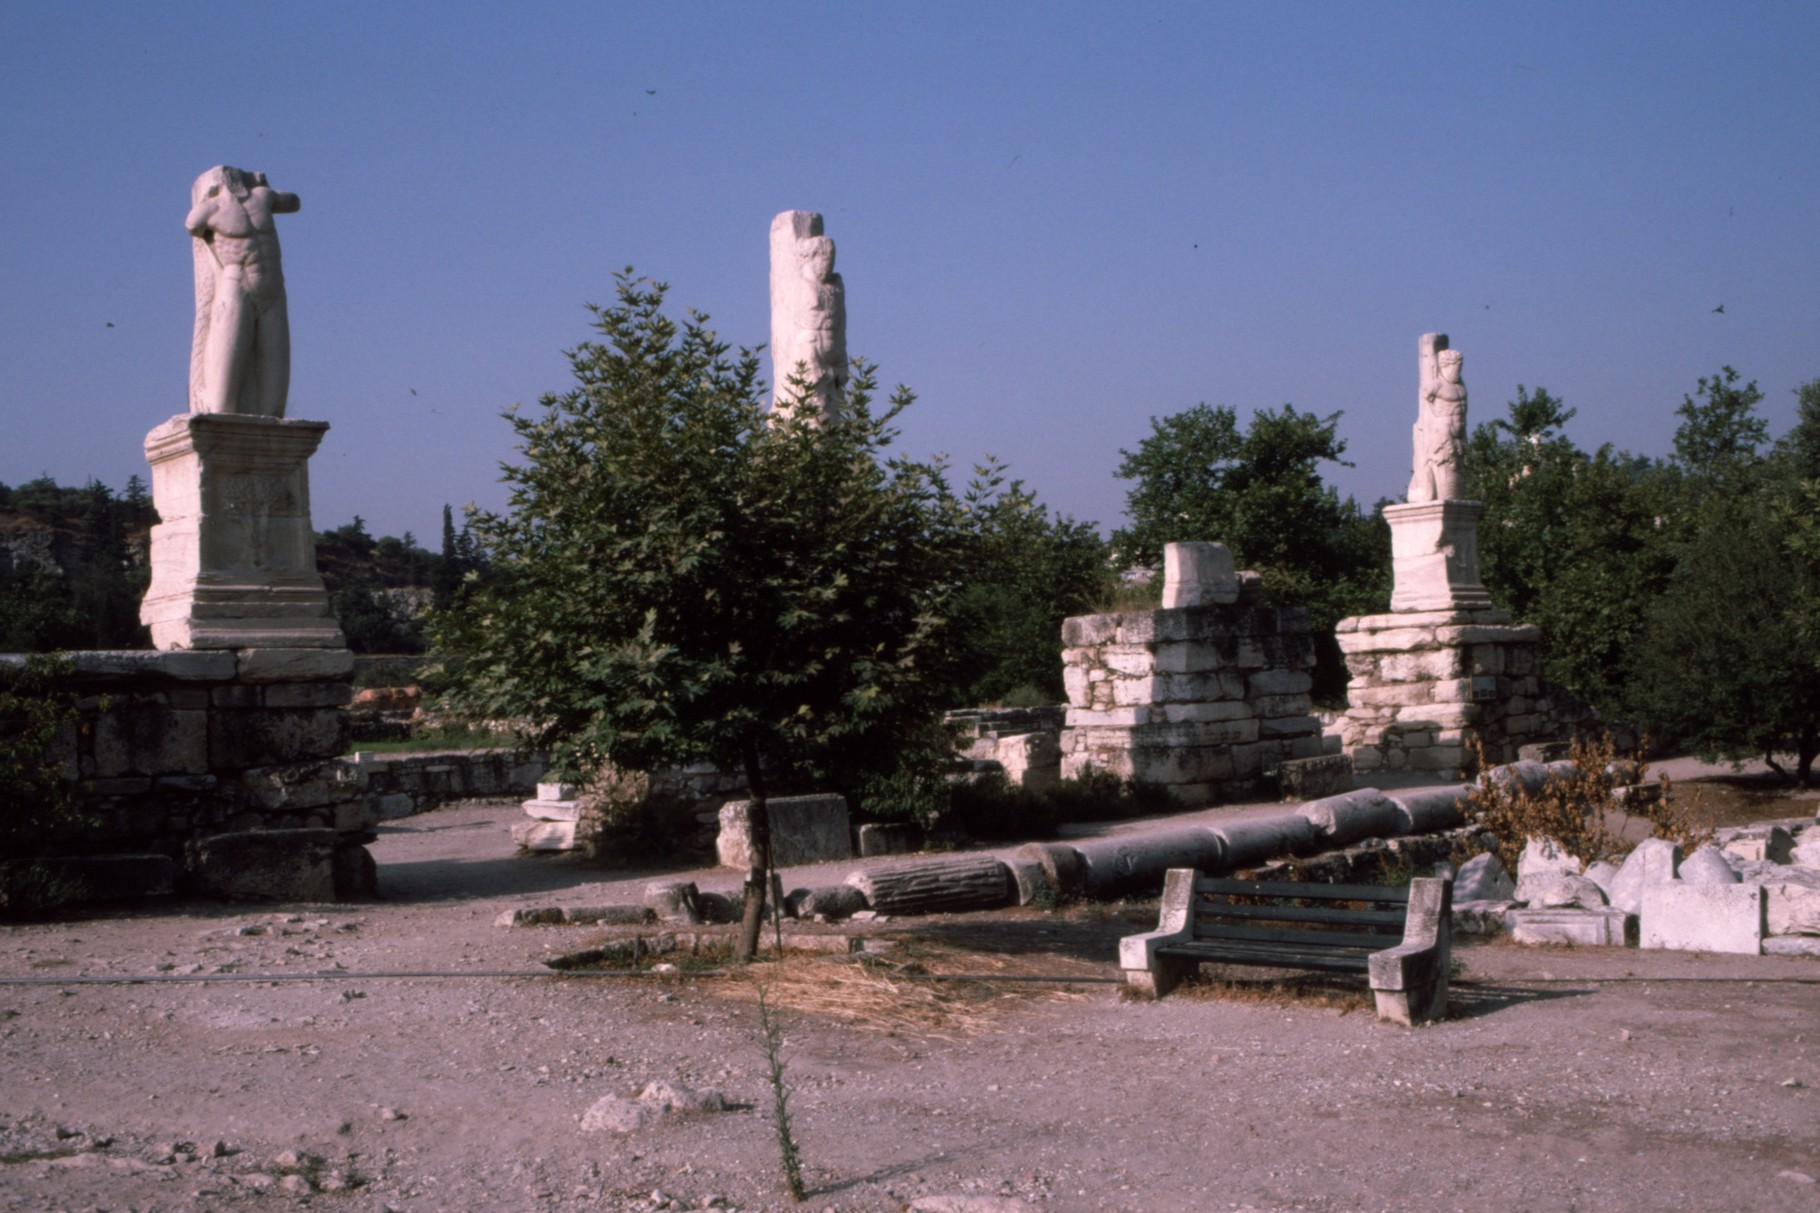 2世紀にローマが建てた「トリトンと巨人」